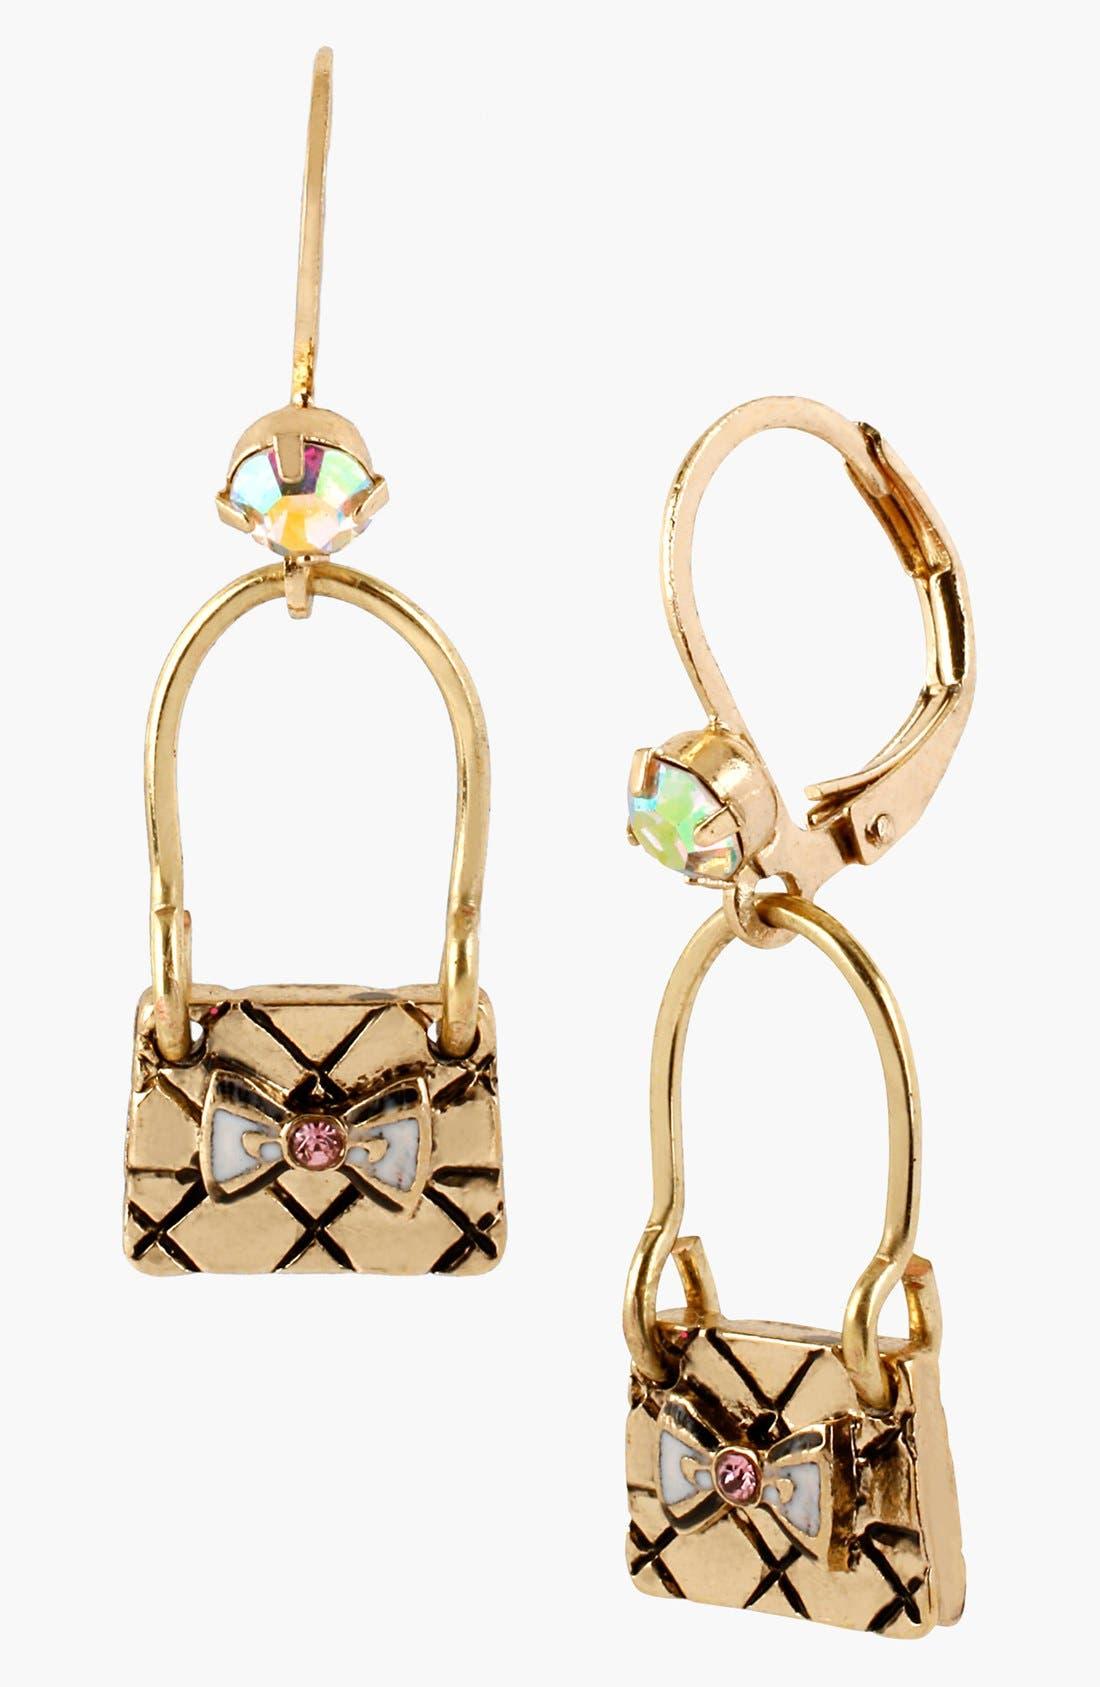 Main Image - Betsey Johnson 'Paris' Handbag Drop Earrings